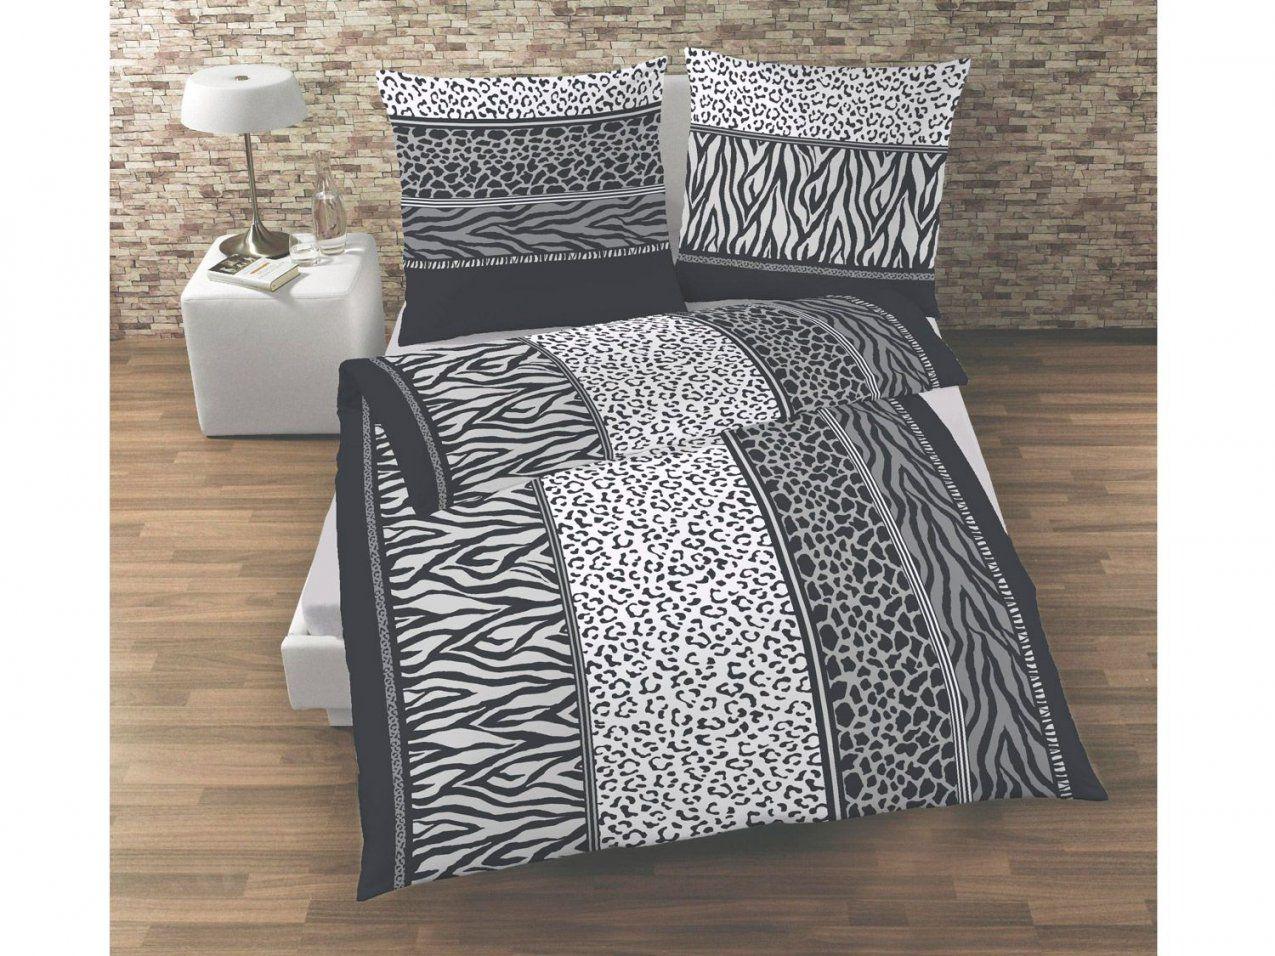 Dobnig Biberbettwäsche Zebradesign 135 X 200 Cm  Lidl von Lidl Feinbiber Bettwäsche Bild